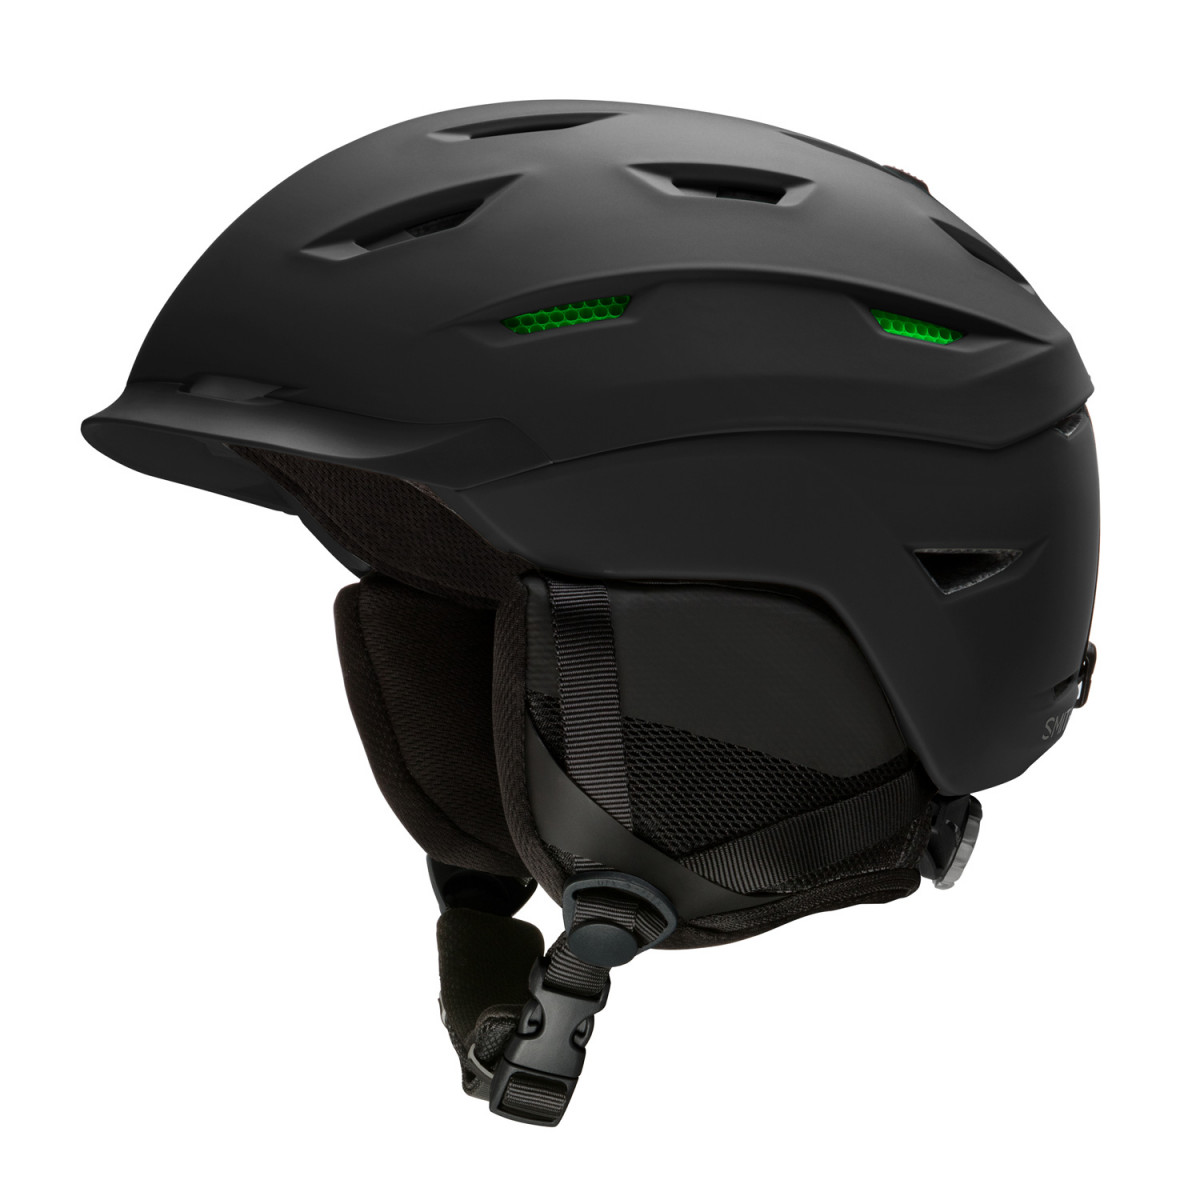 Smith Level - černá Velikost helmy: M 2019/2020